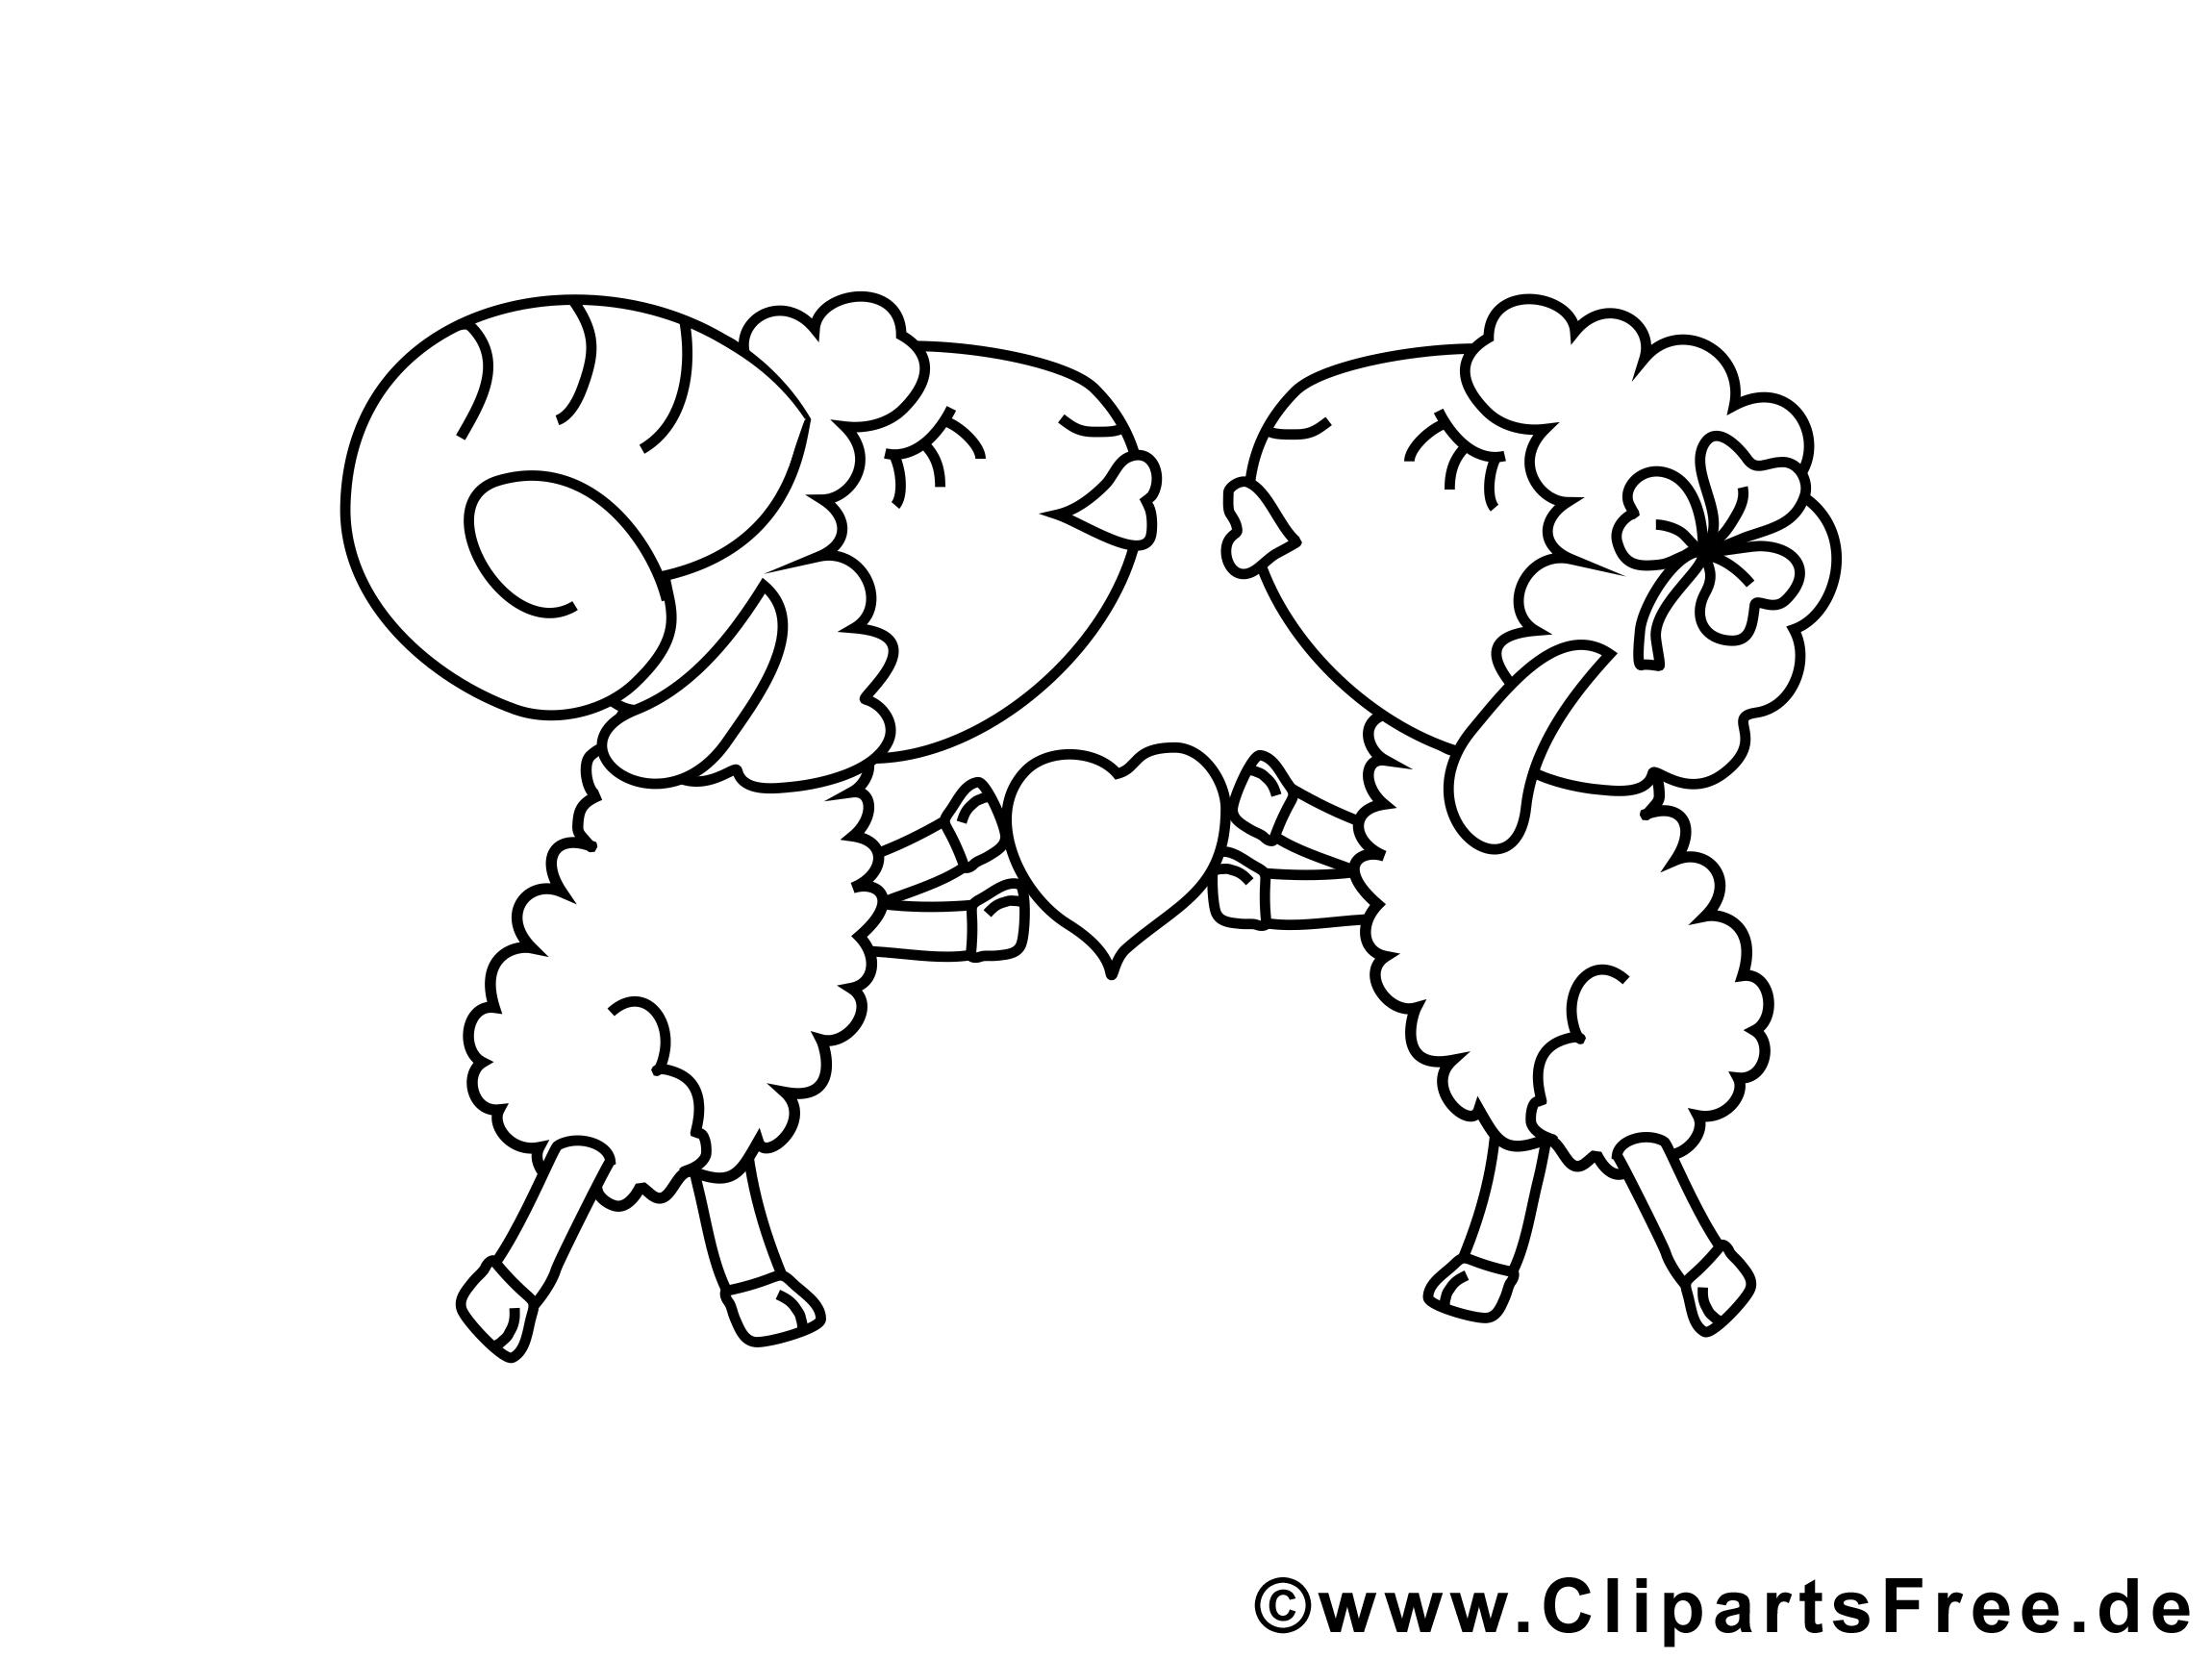 Moutons Illustrationes Gratuites Saint Valentin à Colorier